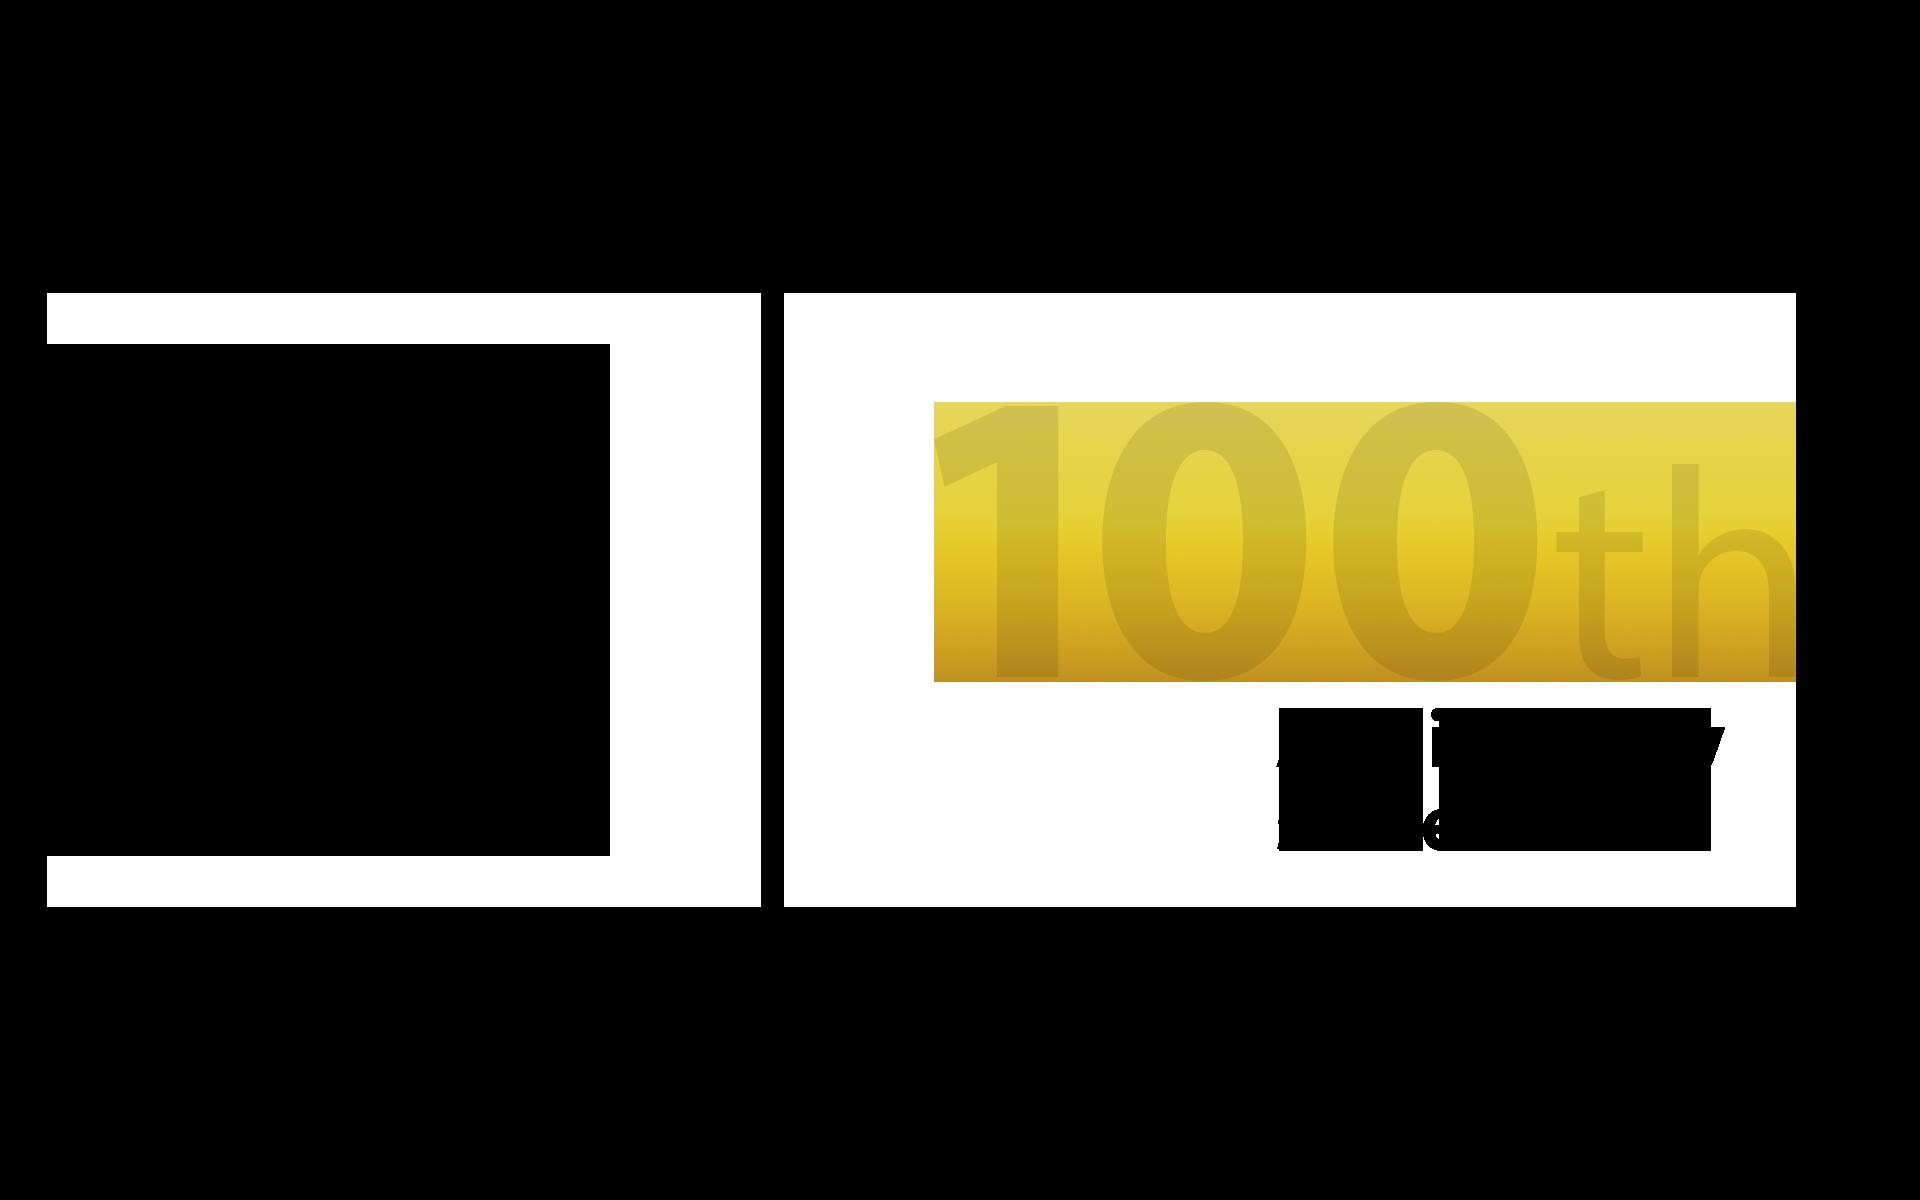 本日は瓦寅工業㈱創業100周年感謝パーティーです